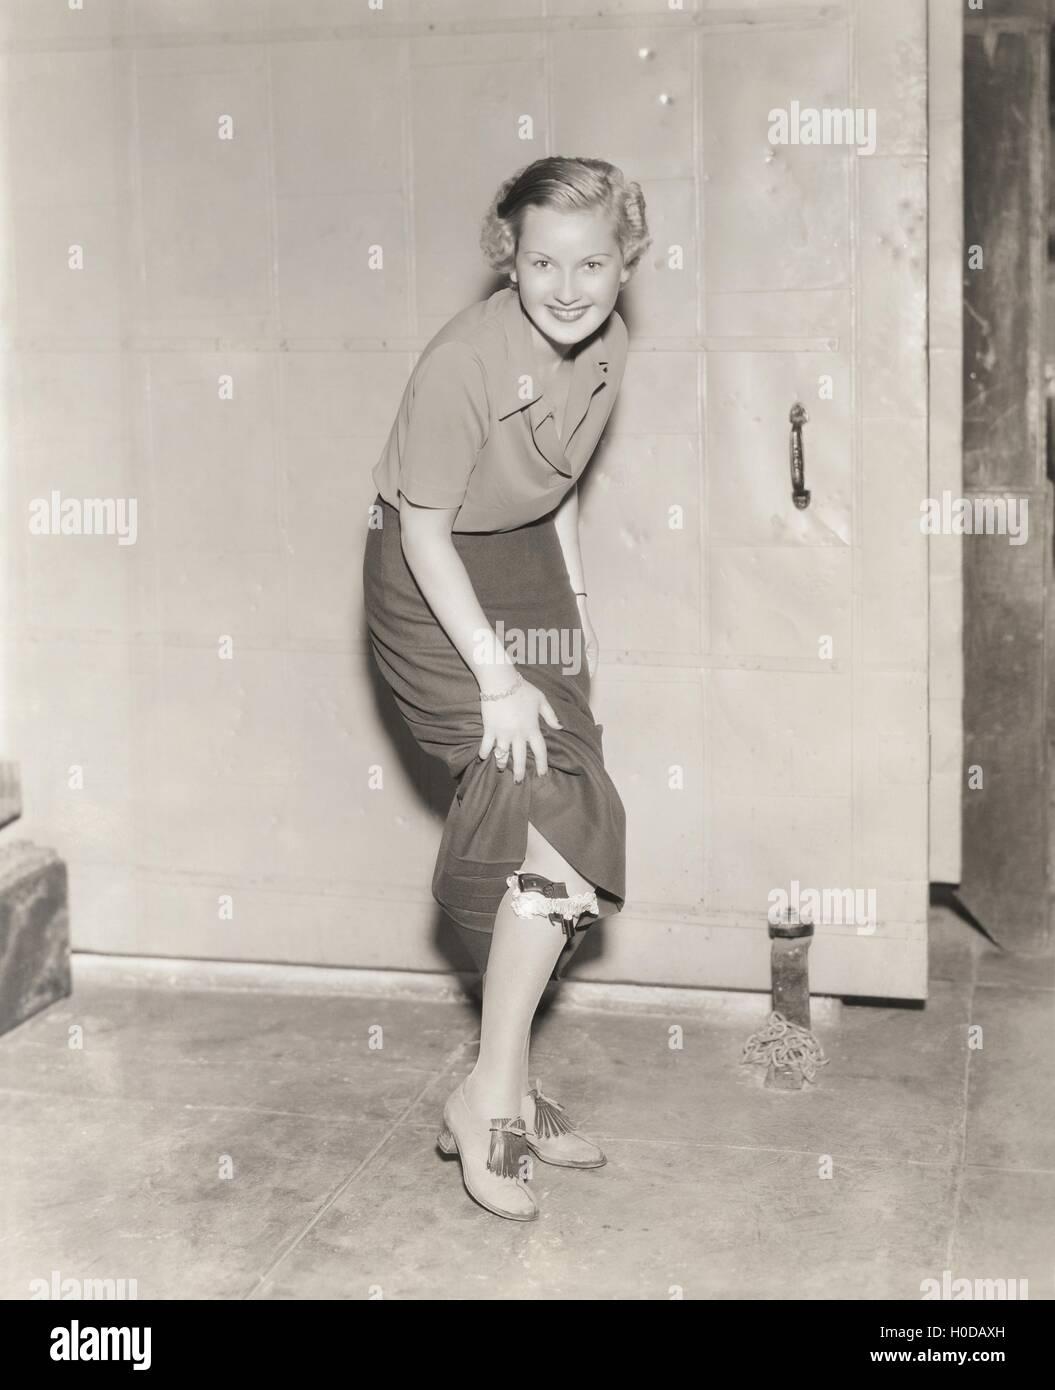 Woman hiding handgun in her garter - Stock Image